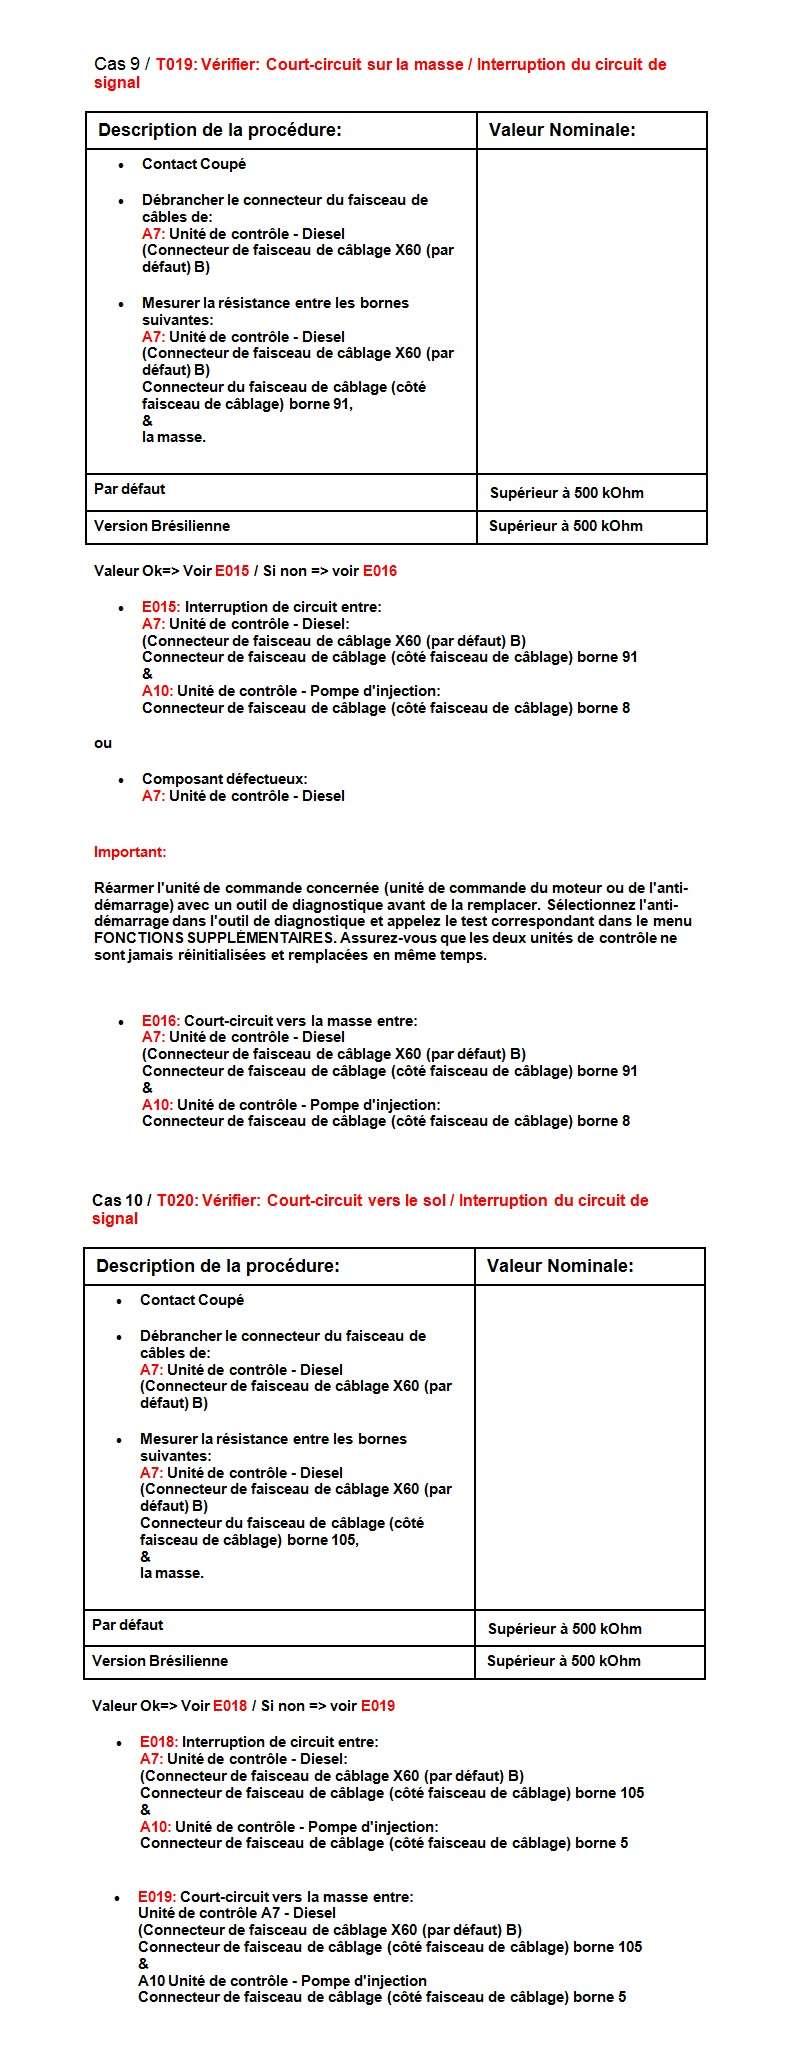 coup de clé le démarreur ne se lance pas - Page 5 Charte15